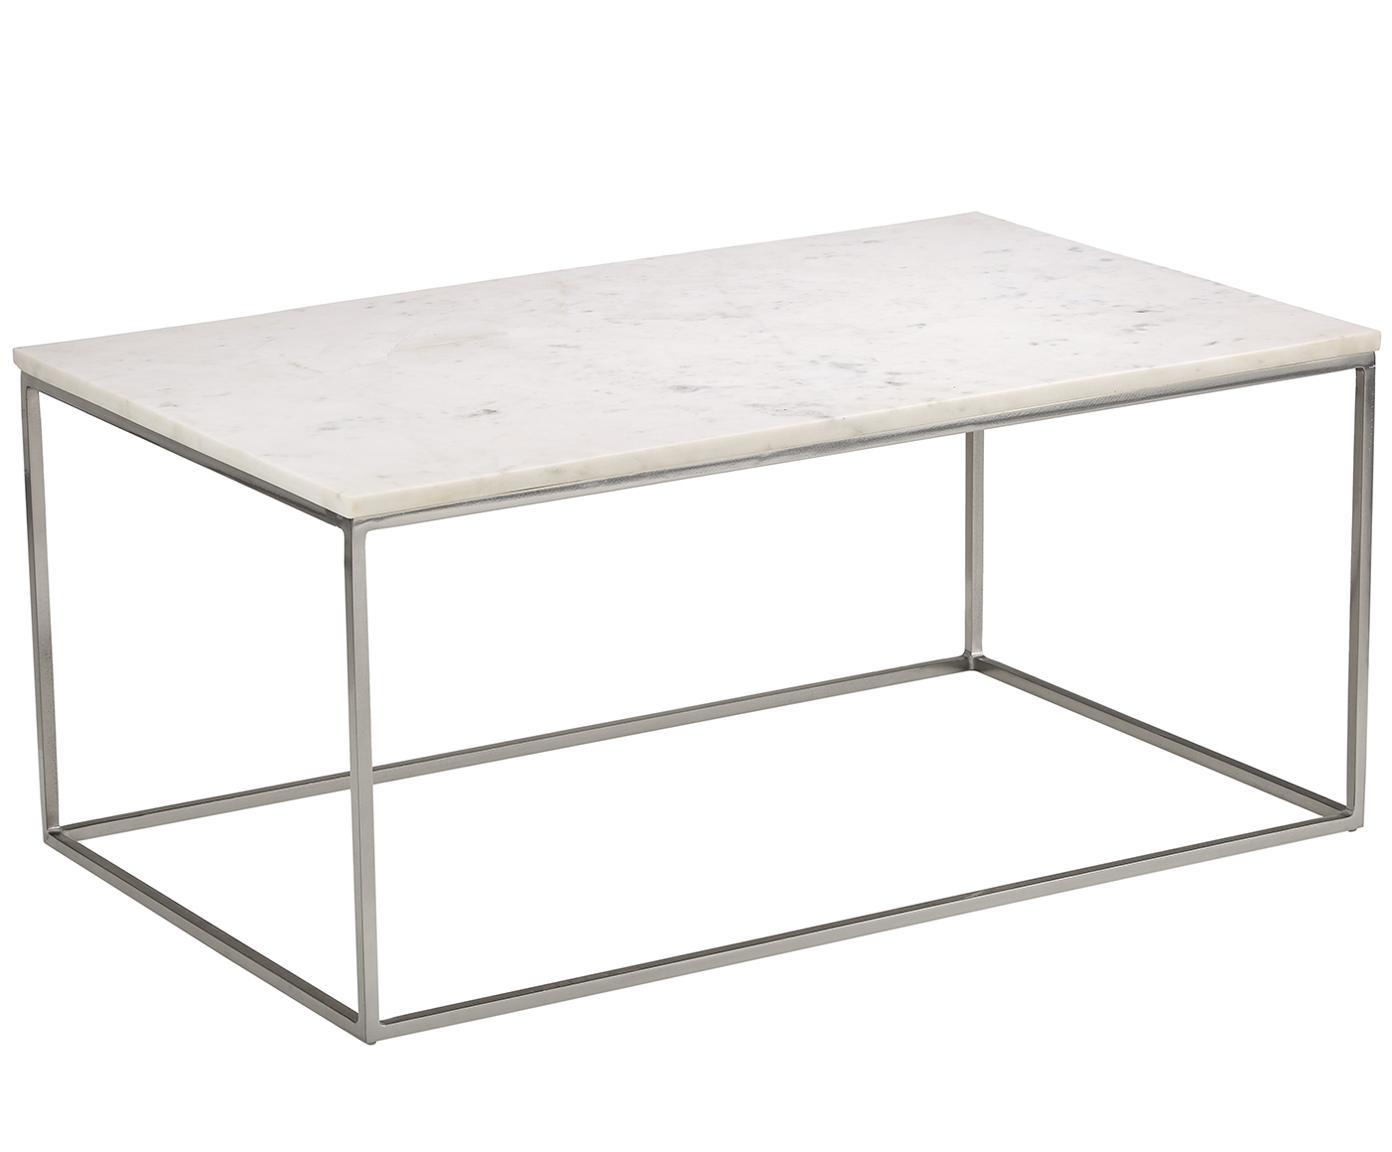 Mesa de centro de mármol Alys, Tablero: mármol natural, Estructura: metal con pintura en polv, Mármol blanco, plateado, An 80 x Al 45 cm